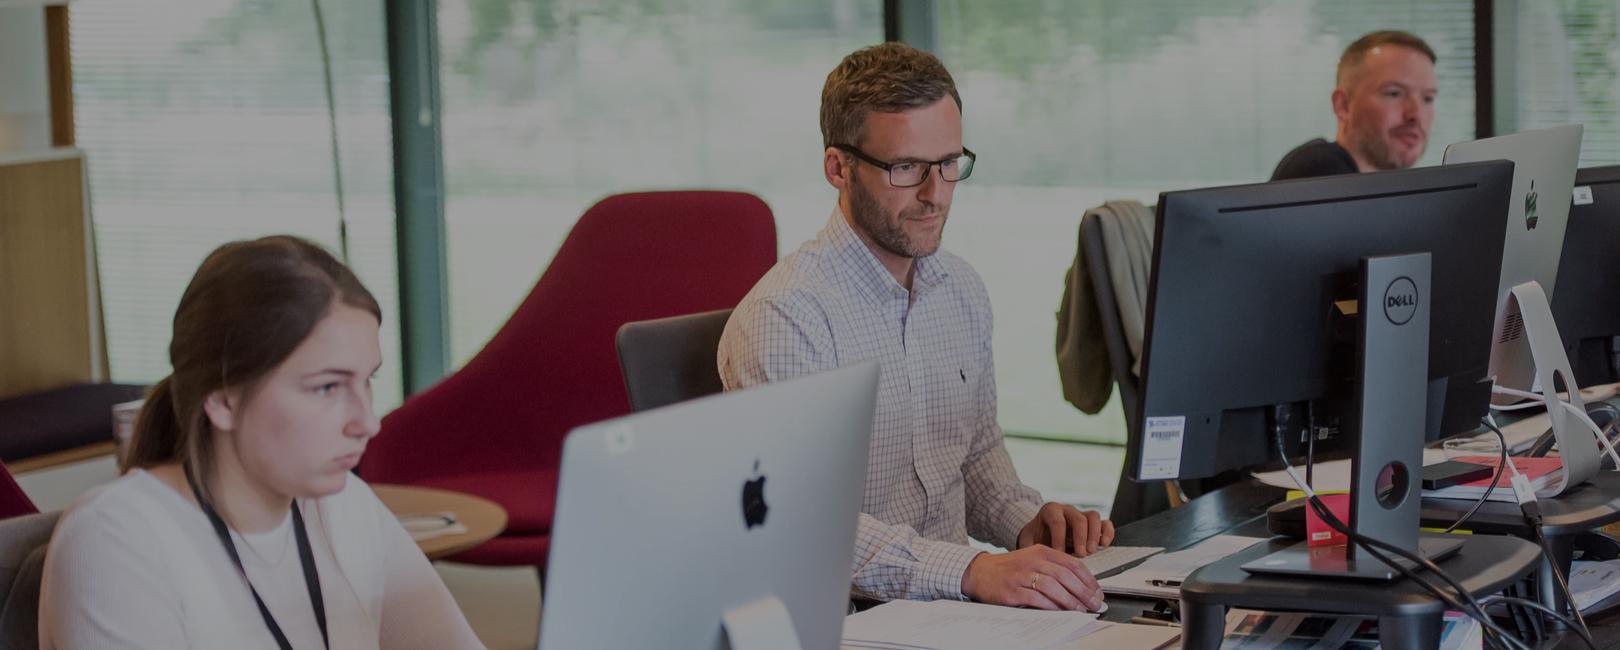 El comercio electrónico B2B: sentando las bases de las ventas online entre empresas (Parte I)